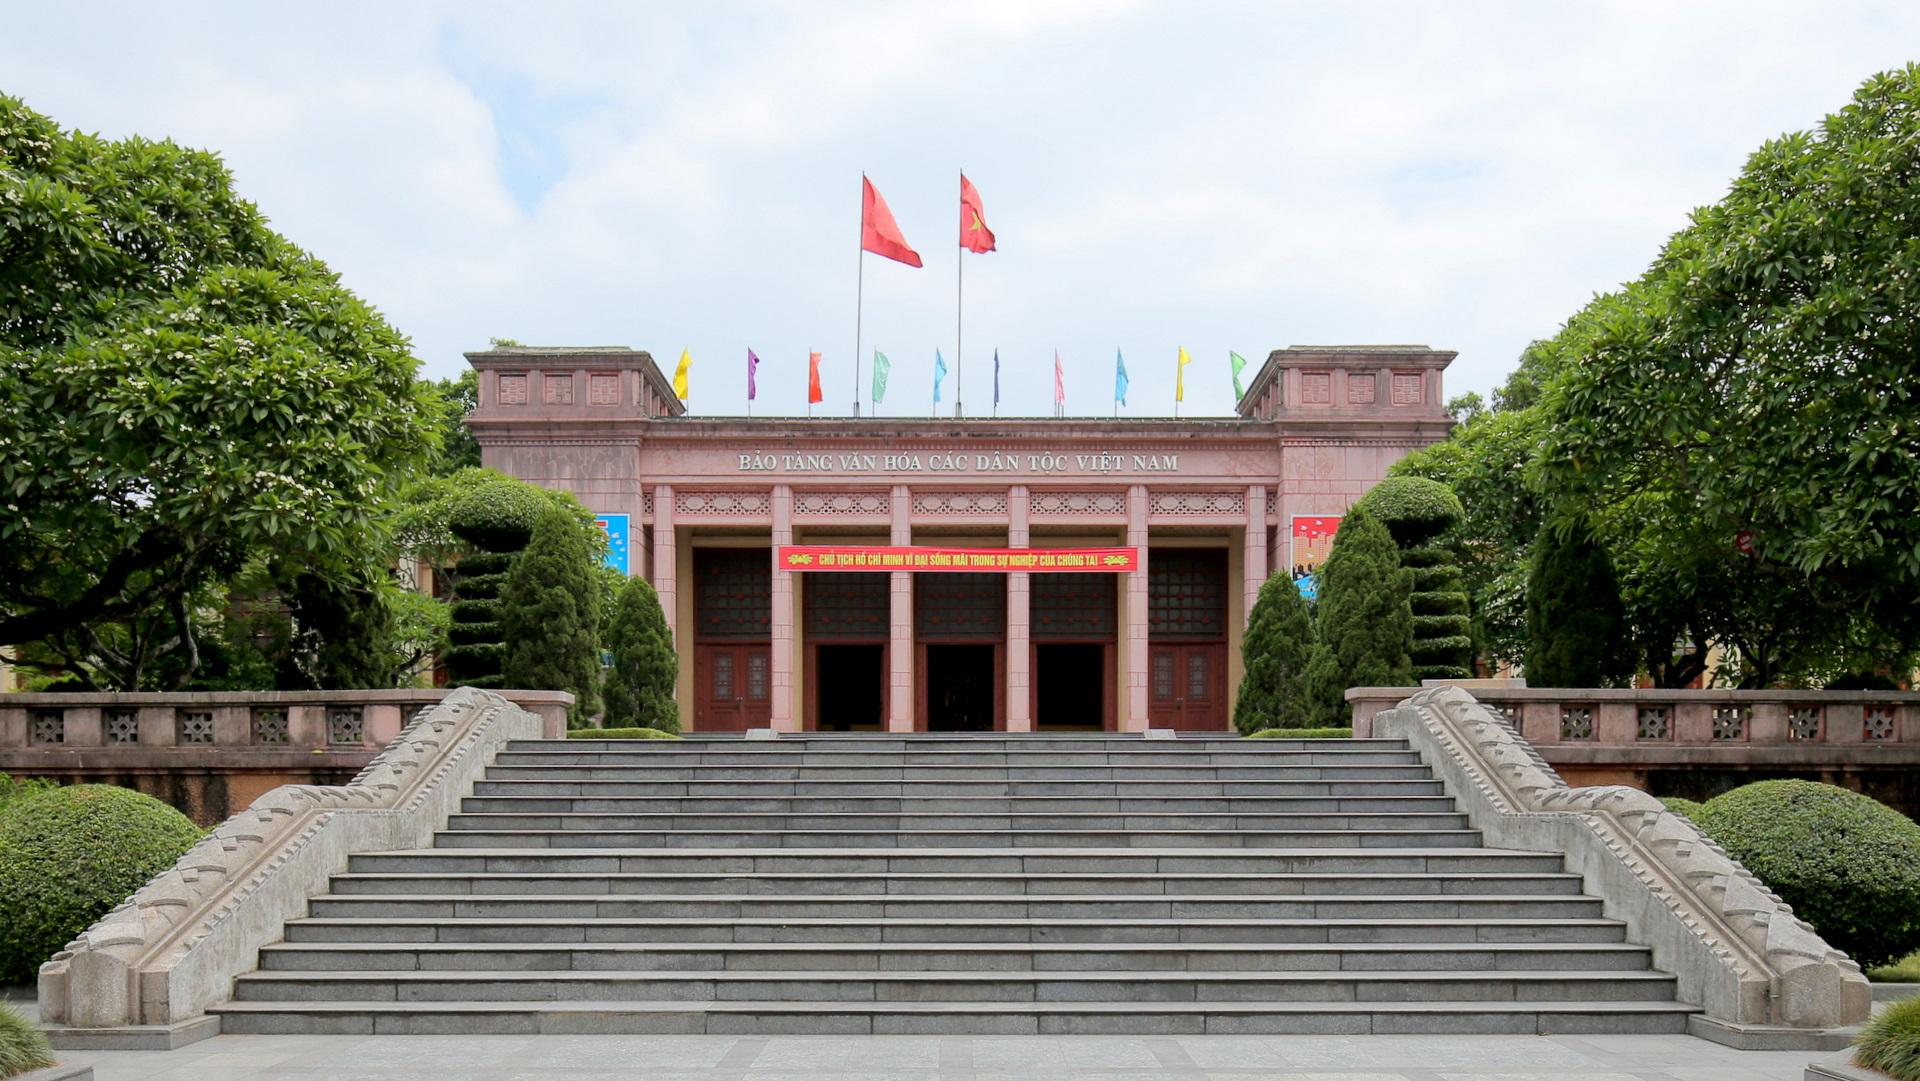 Bảo tàng Văn hóa các dân tộc Việt Bắc (Thái Nguyên)  vừa mang dáng dấp hiện đại vừa chứa đựng sắc thái kiến trúc truyền thống